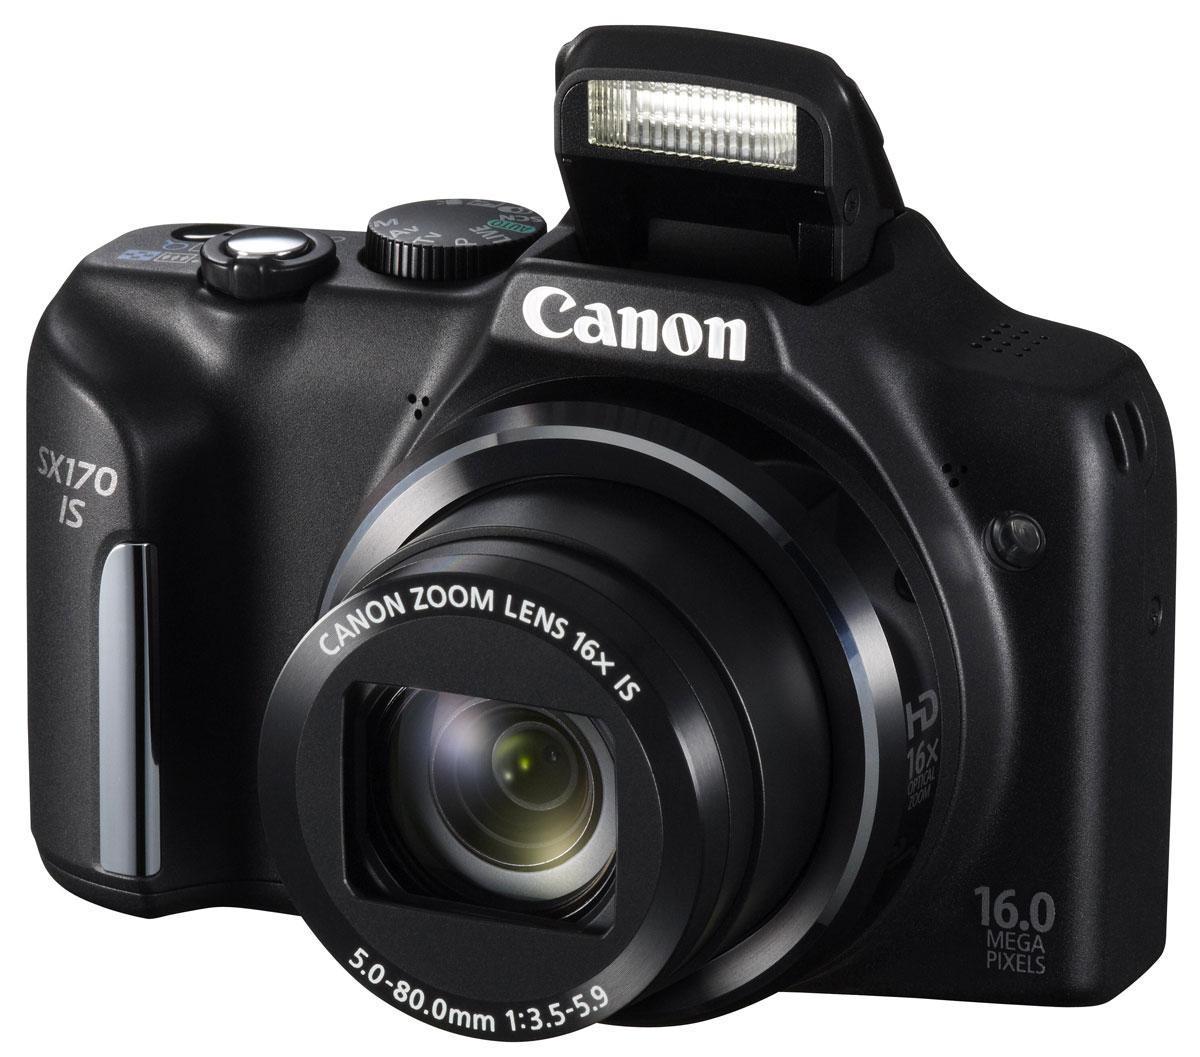 Canon PowerShot SX170 IS, Black цифровая фотокамера8410B002Компактный цифровой фотоаппарат Canon PowerShot SX170 IS. Оптический зум 16x, широкоугольный объектив Canon 28 мм: Почувствуйте себя в центре семейных событий с 16-кратным оптическим зумом Canon, который позволяет снимать любую сцену с превосходной детализацией; до 32 раз ближе с функцией ZoomPlus. Широкоугольный объектив 28 мм позволяет снимать впечатляющие пейзажи и прекрасно подходит для создания групповых снимков. 16 мегапикселей: 16-мегапиксельный датчик изображения позволяет получить фотографии в высоком разрешении, которые можно печатать в очень крупных форматах (А3+) или обрезать для создания нужной композиции. Интеллектуальный стабилизатор изображения: Создавать четкие фотографии и плавное видео легко - даже при съемке с максимальным приближением или съемке с рук при низкой освещенности - благодаря интеллектуальной стабилизации изображения, которая автоматически настраивает оптический стабилизатор изображения под различные...